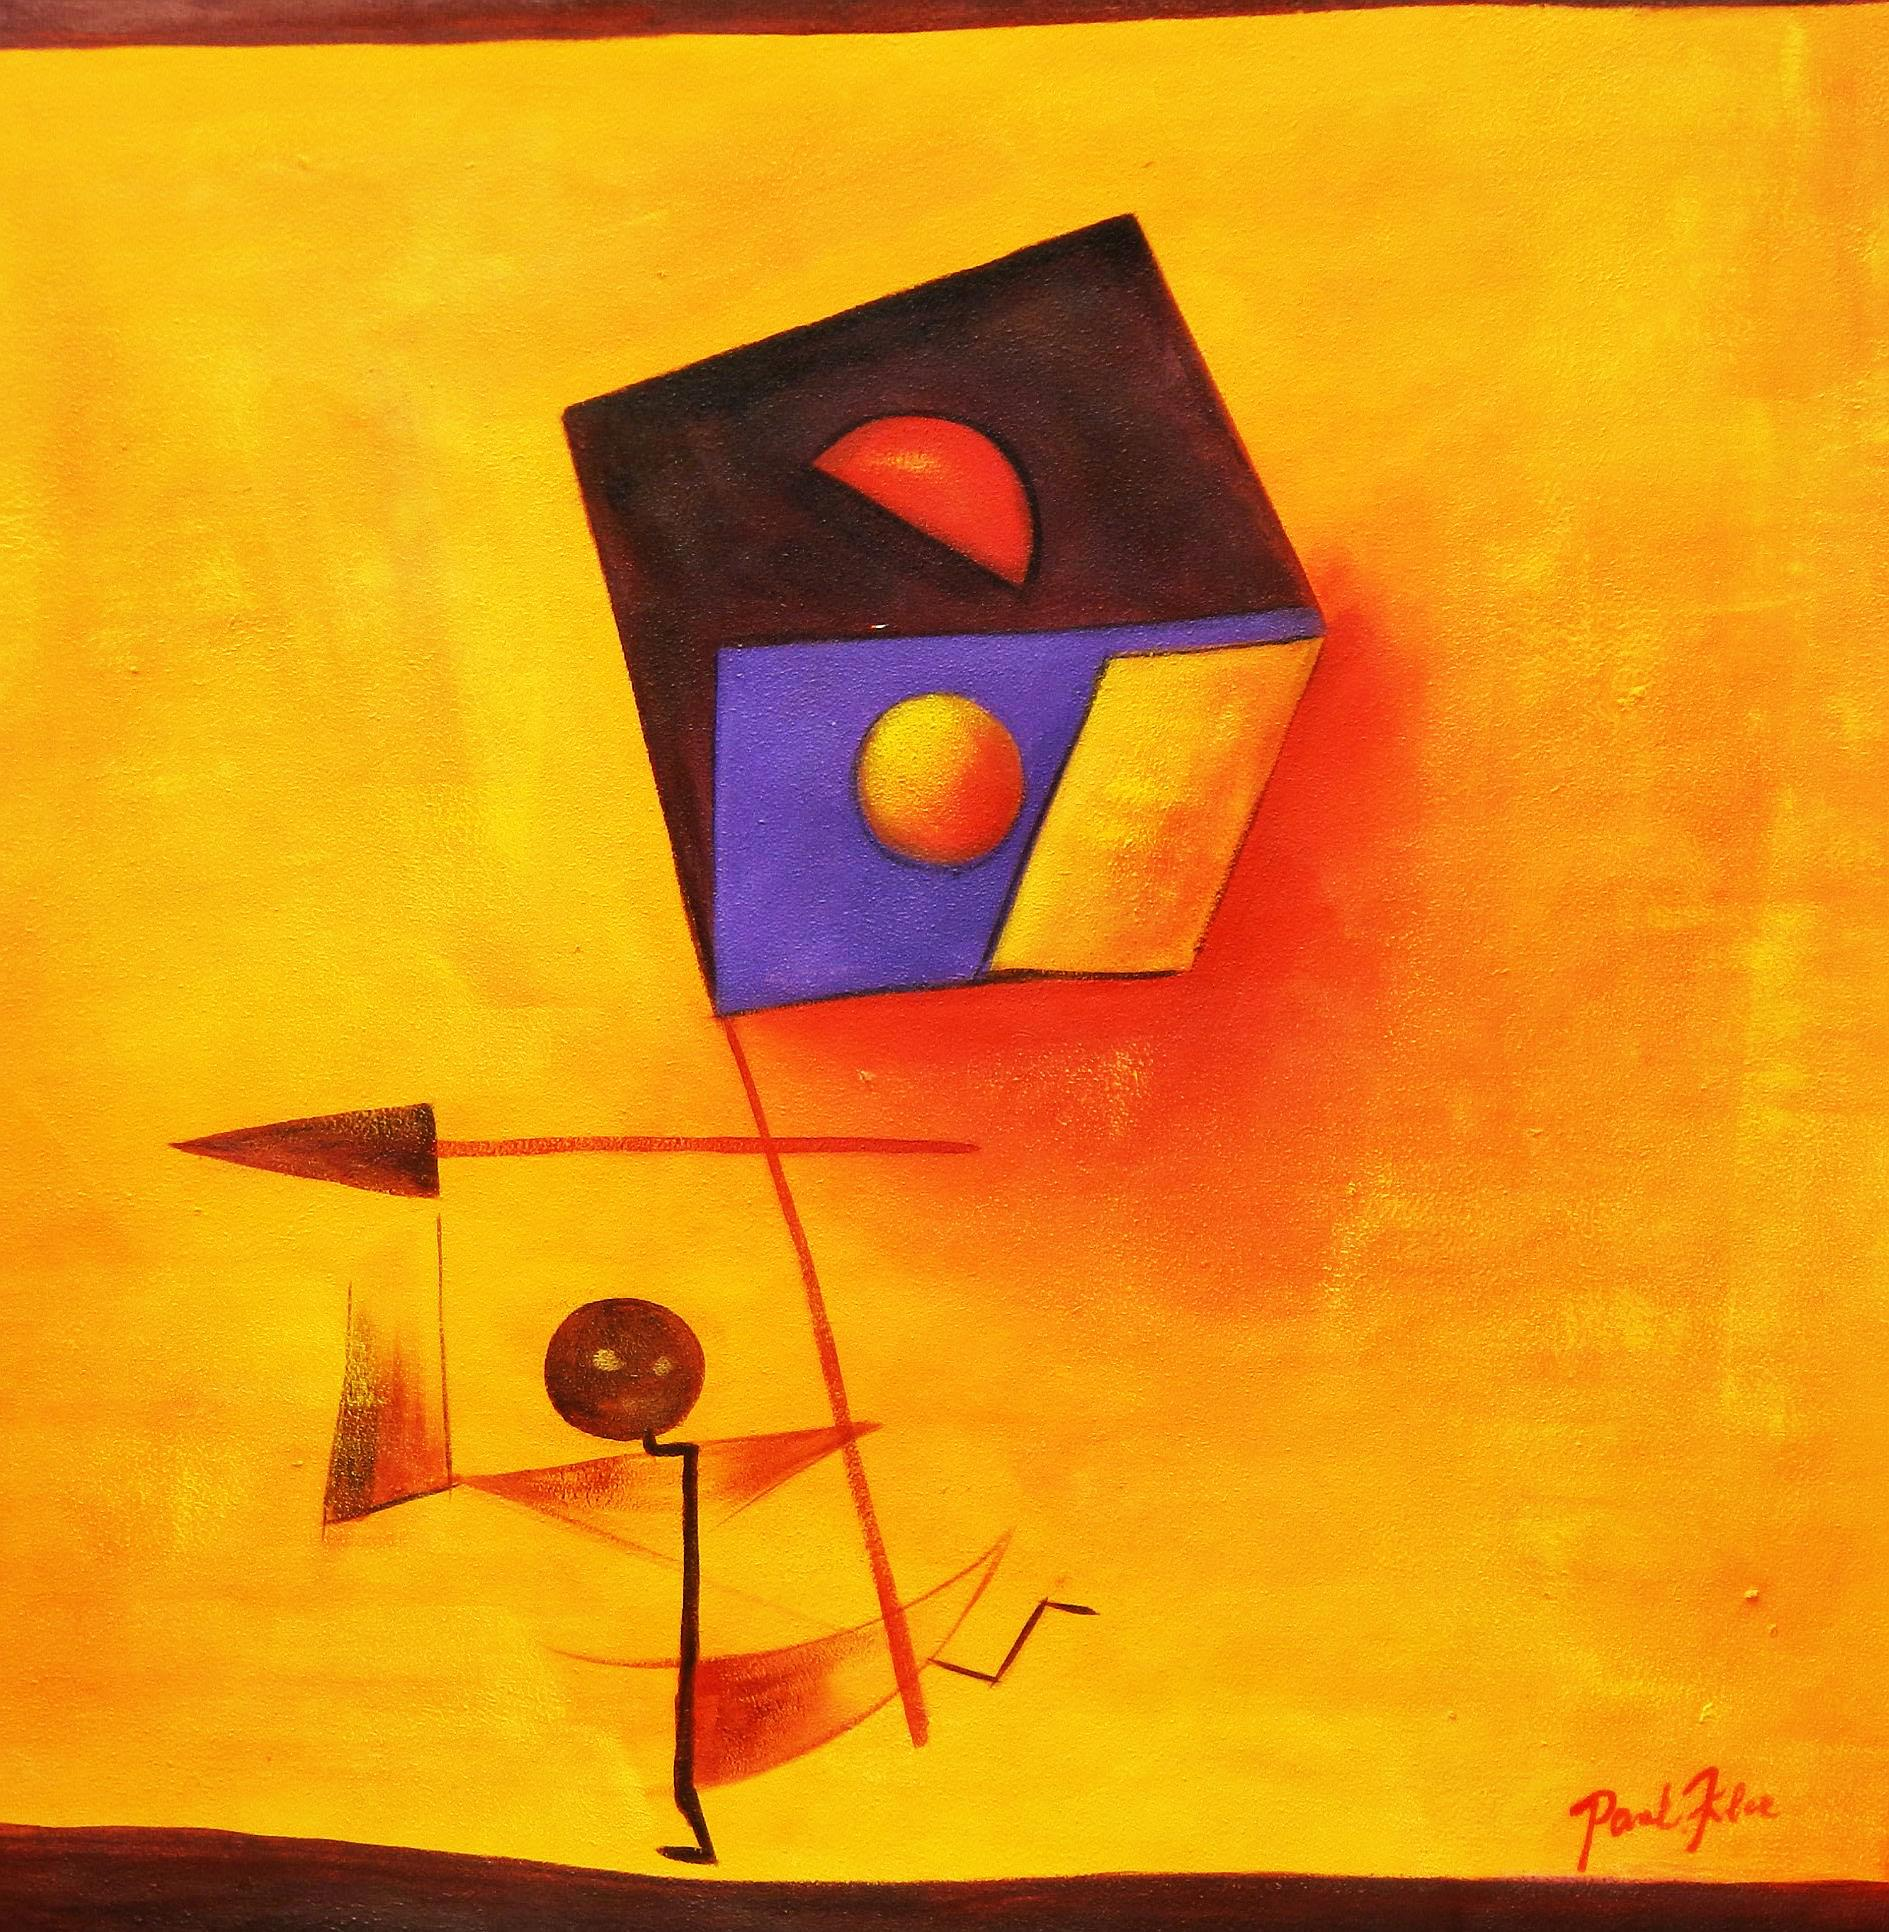 Paul Klee - Conqueror g94389 80x80cm exquisites Ölgemälde